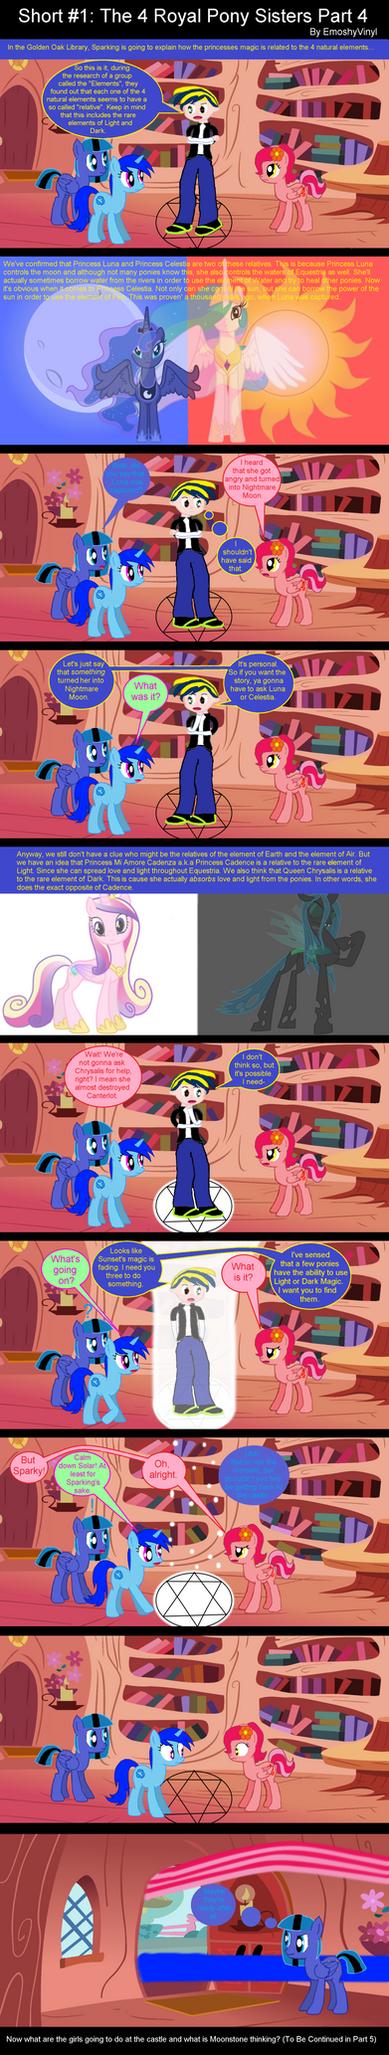 Short #1: The 4 Royal Pony Sisters Part 4 by EmoshyVinyl